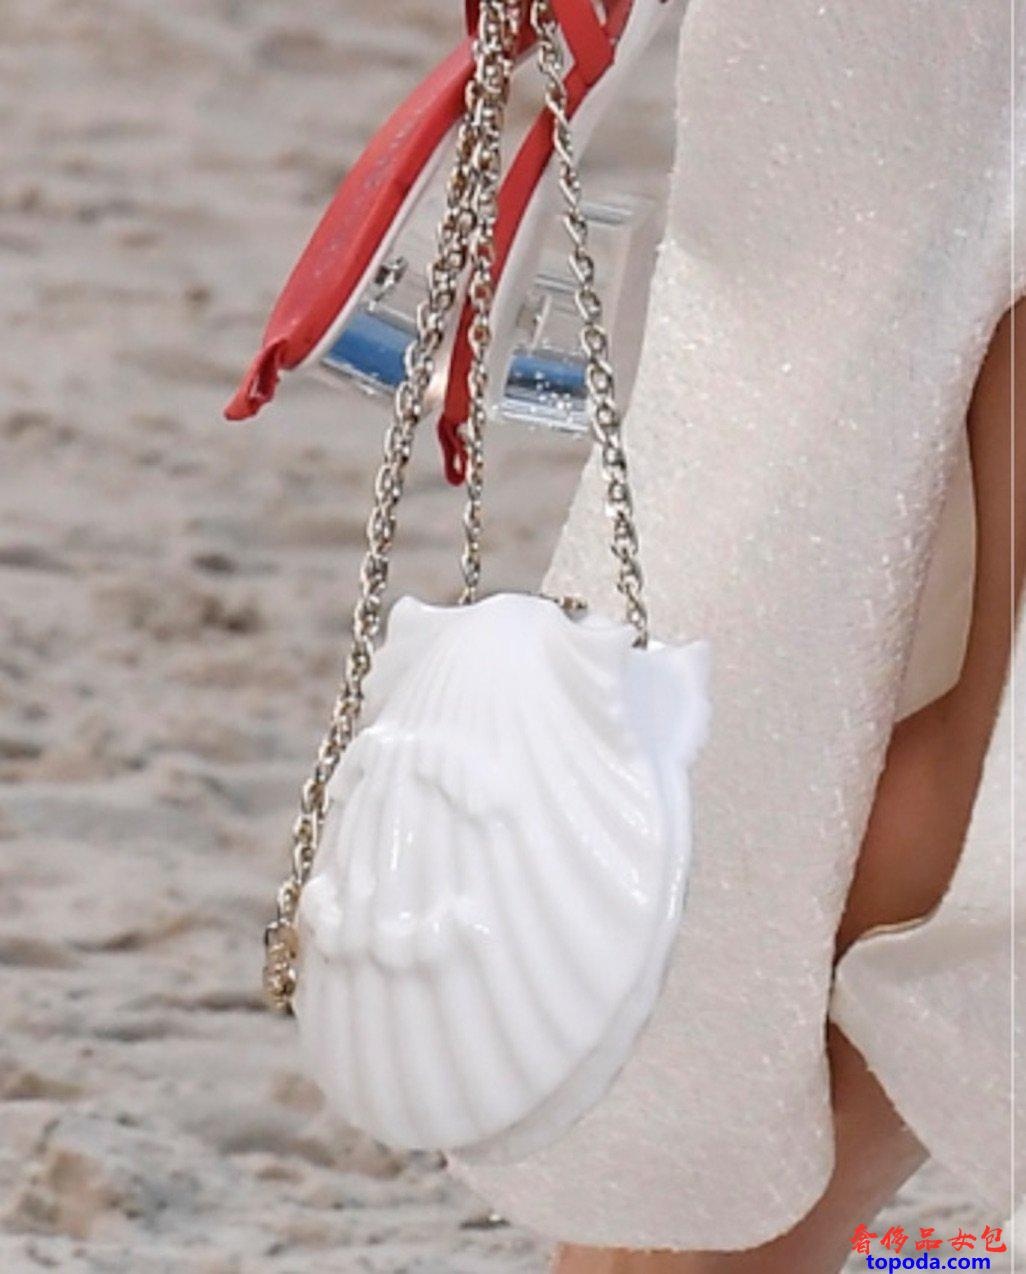 香奈儿的包包